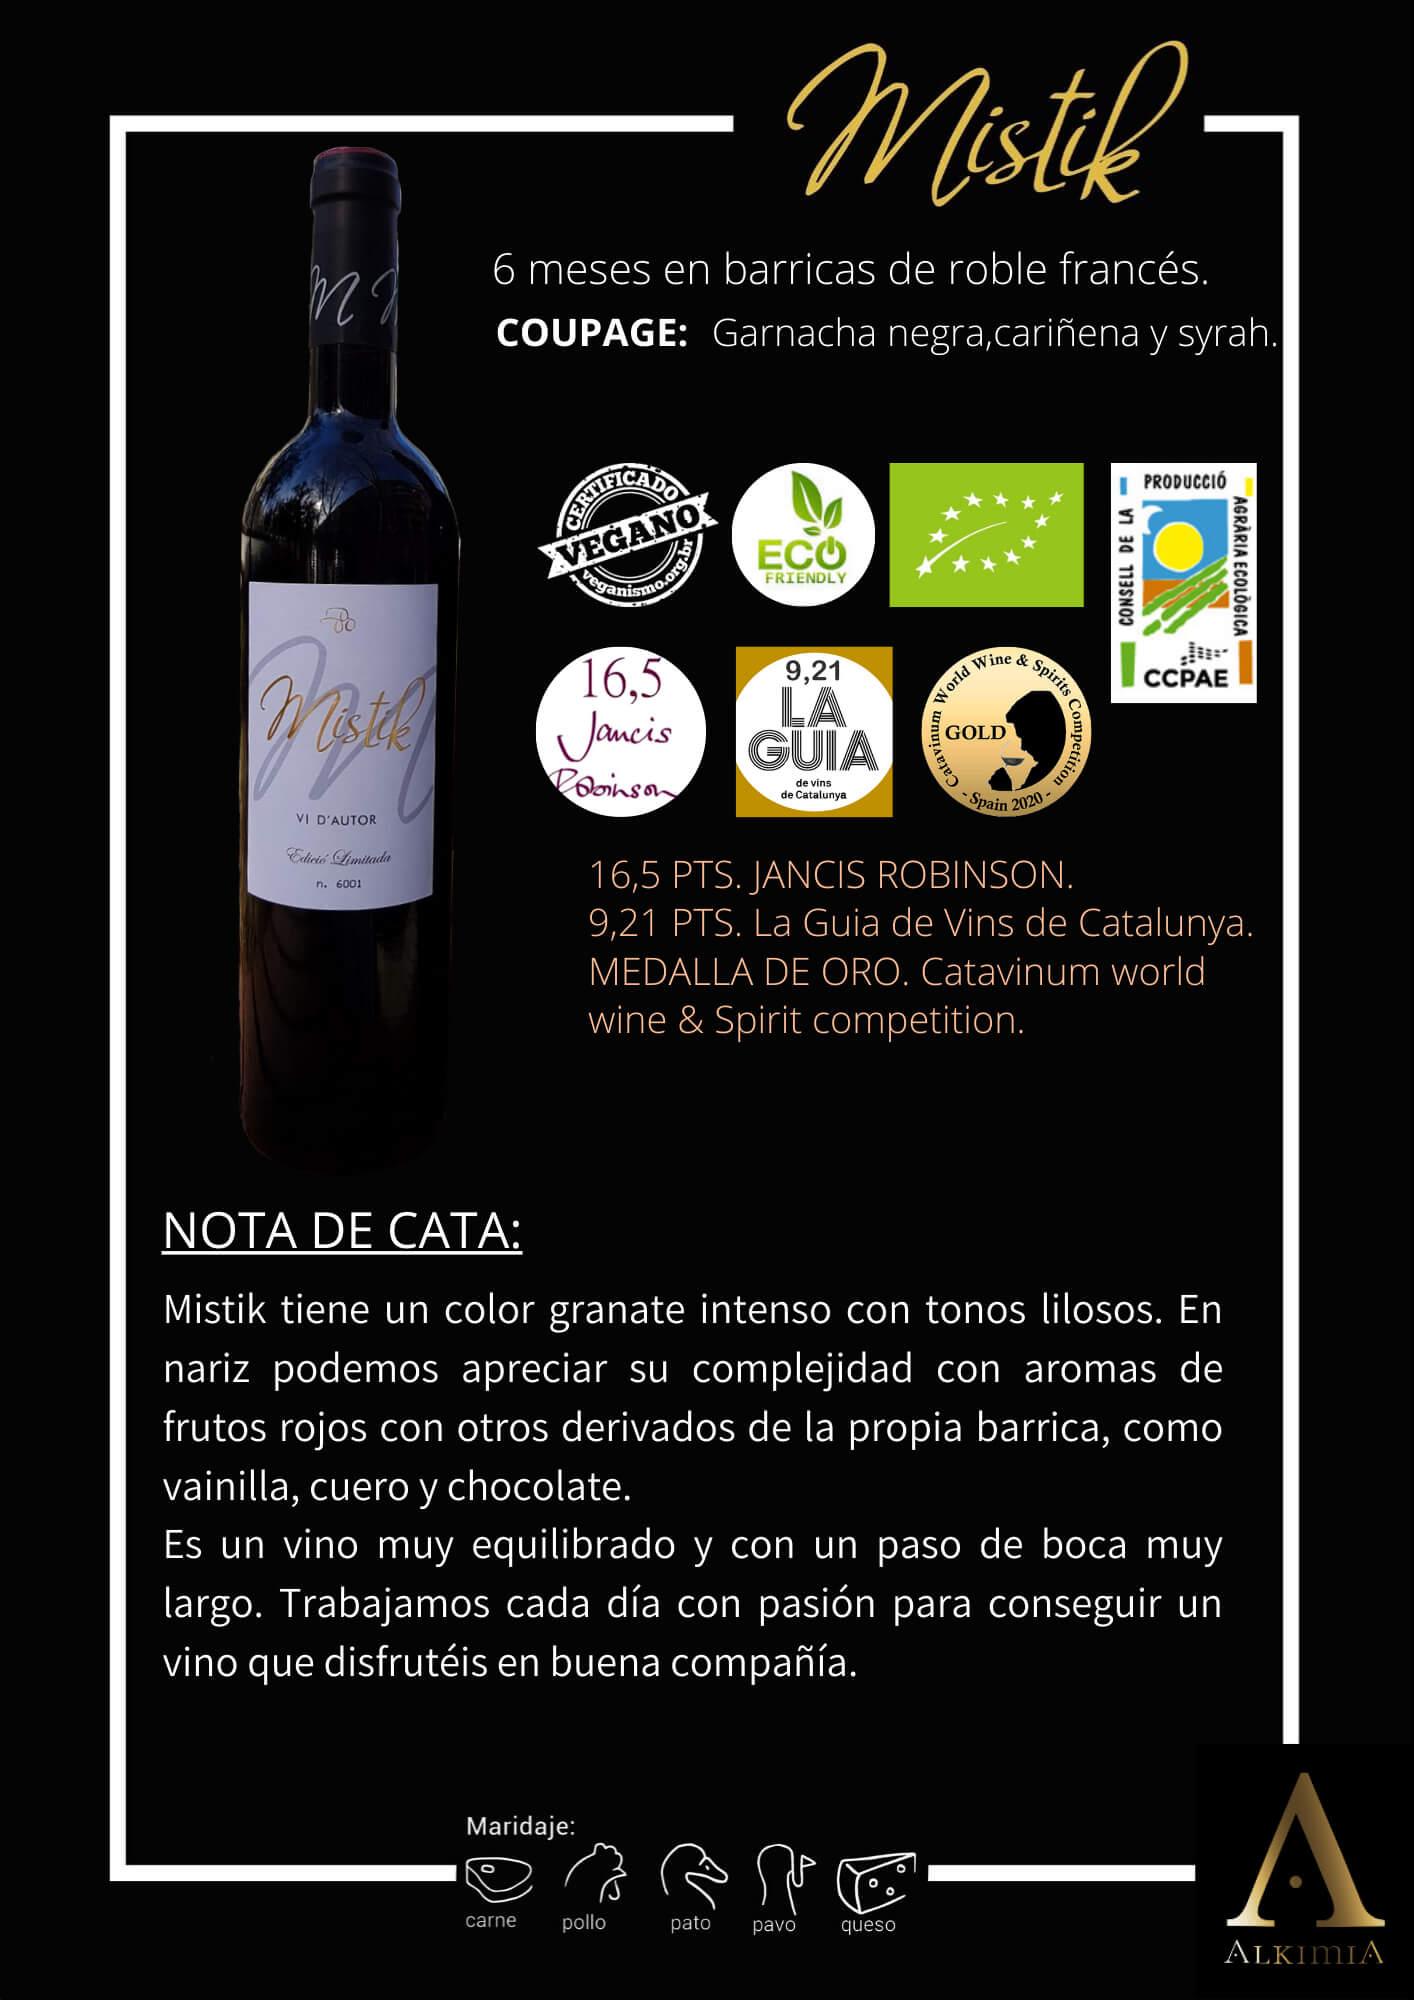 Imagen Nota de cata botella Mistik 6m CAST